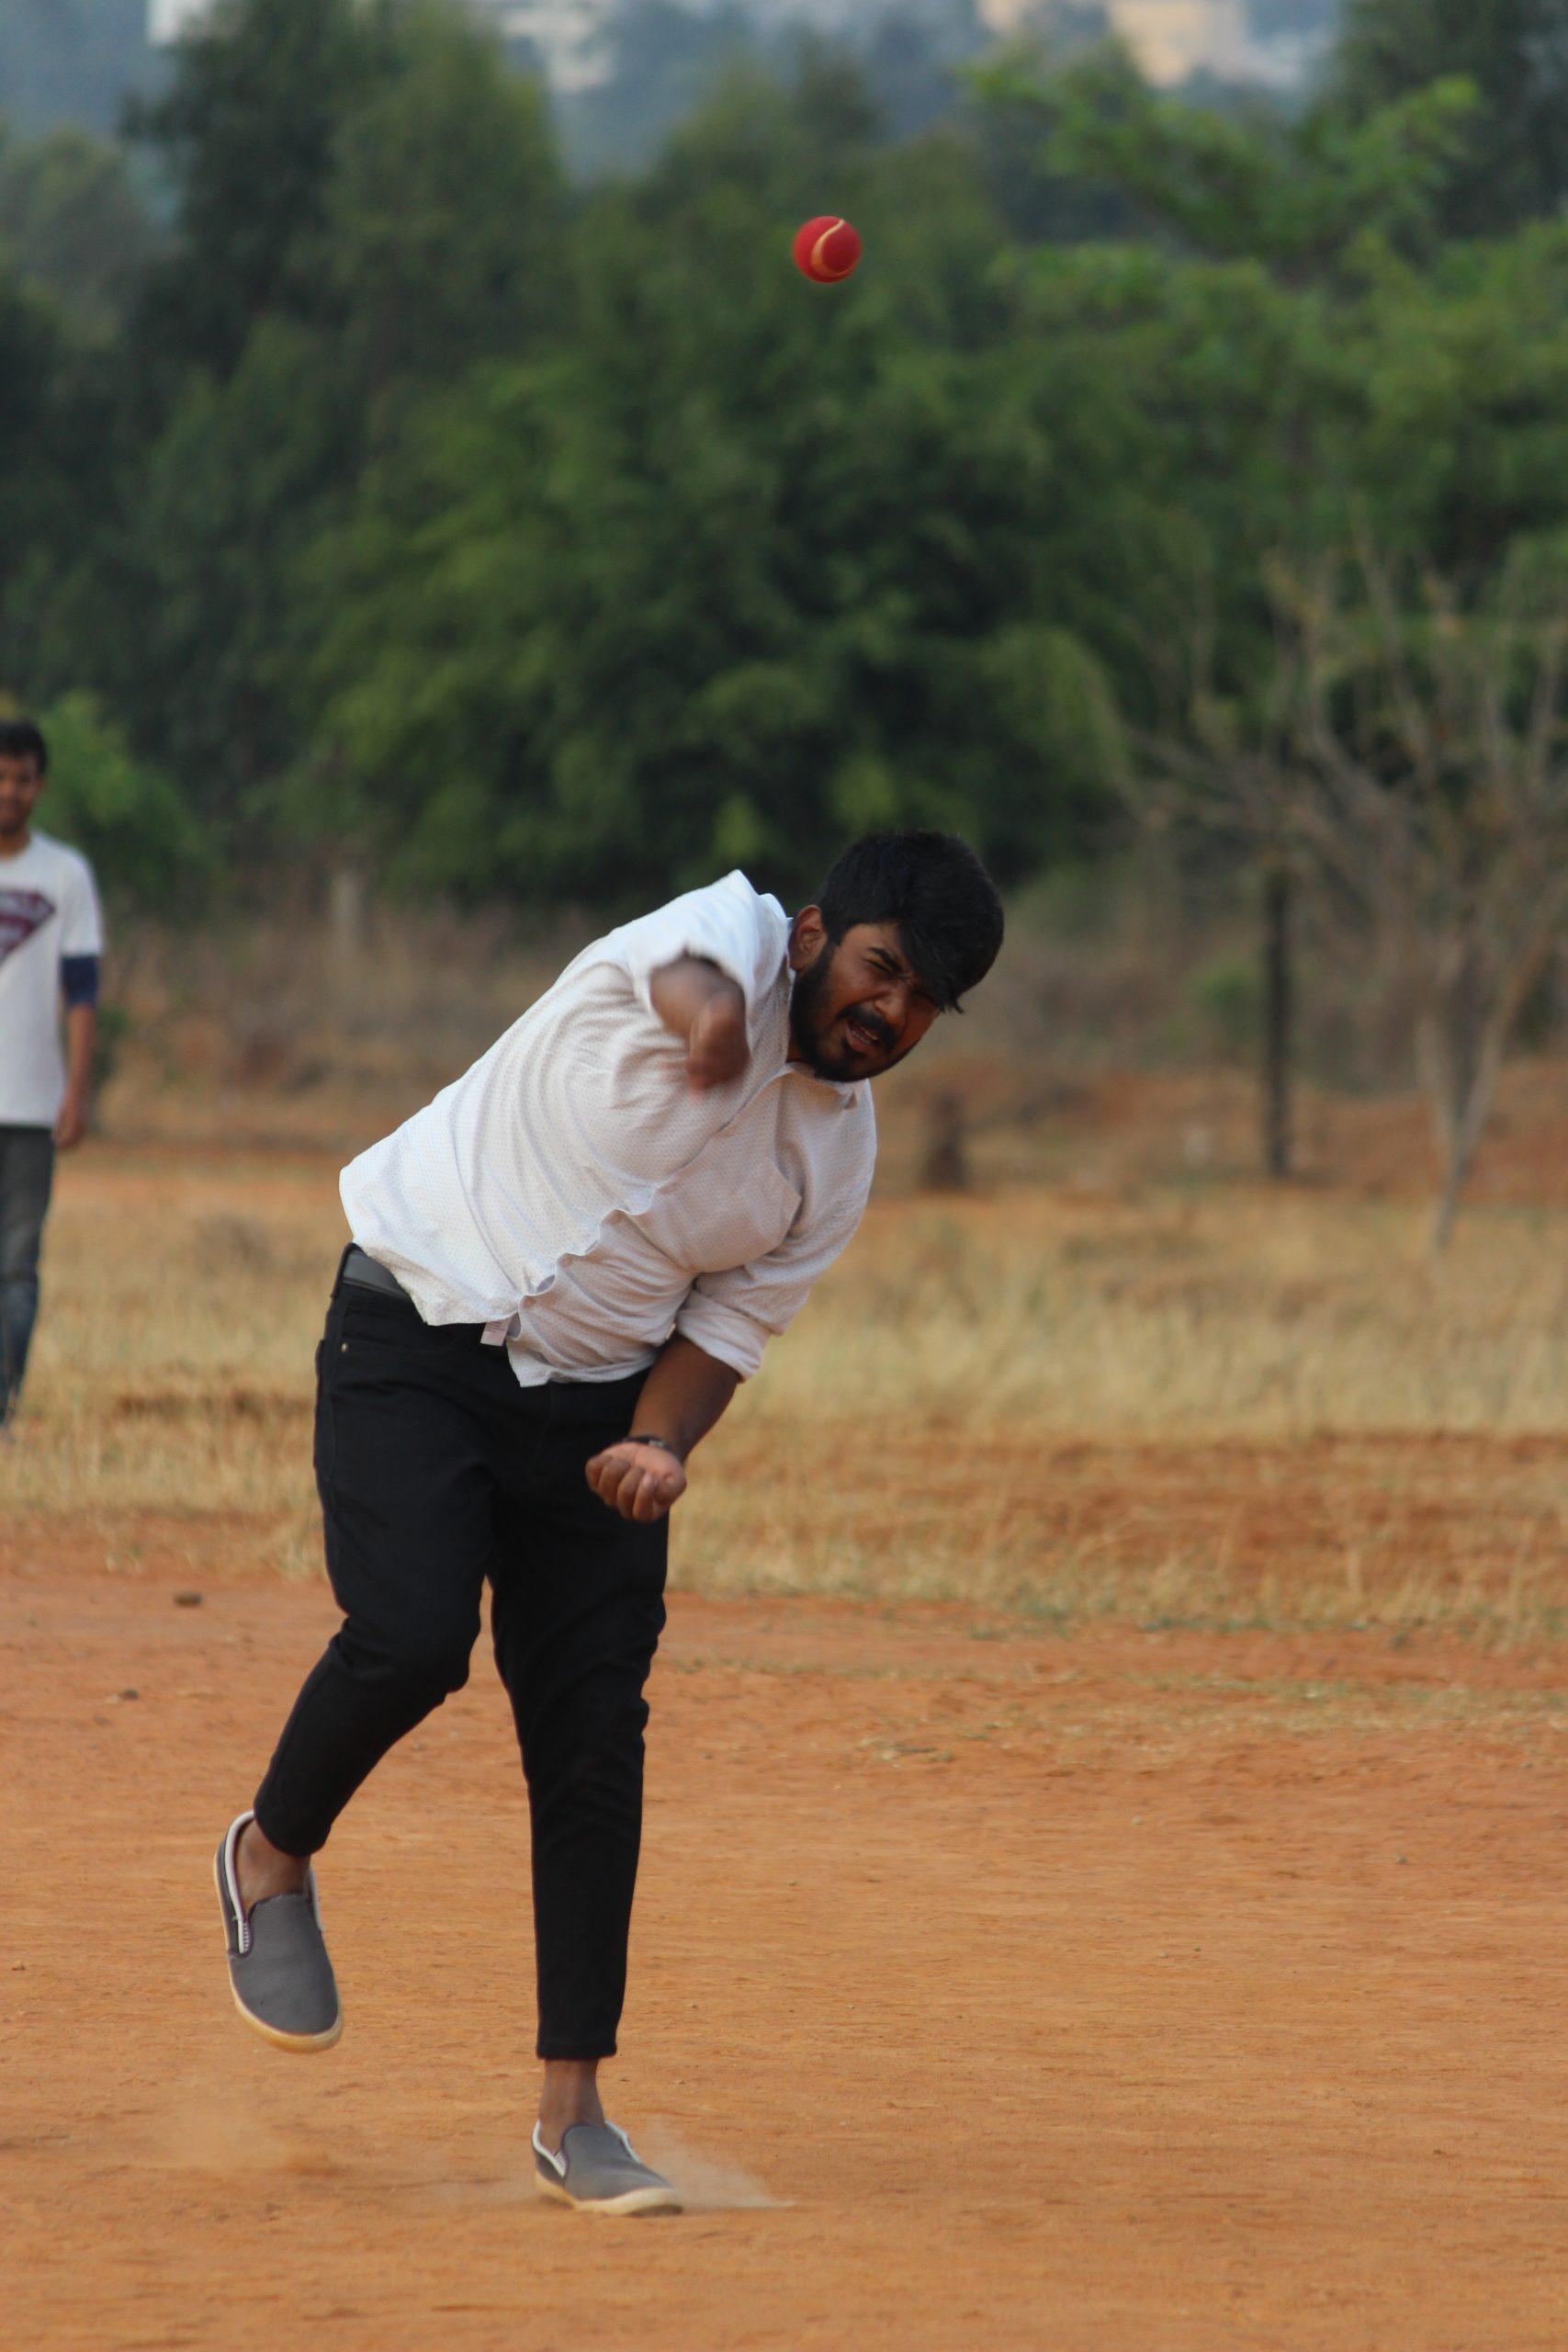 A cricket bowler